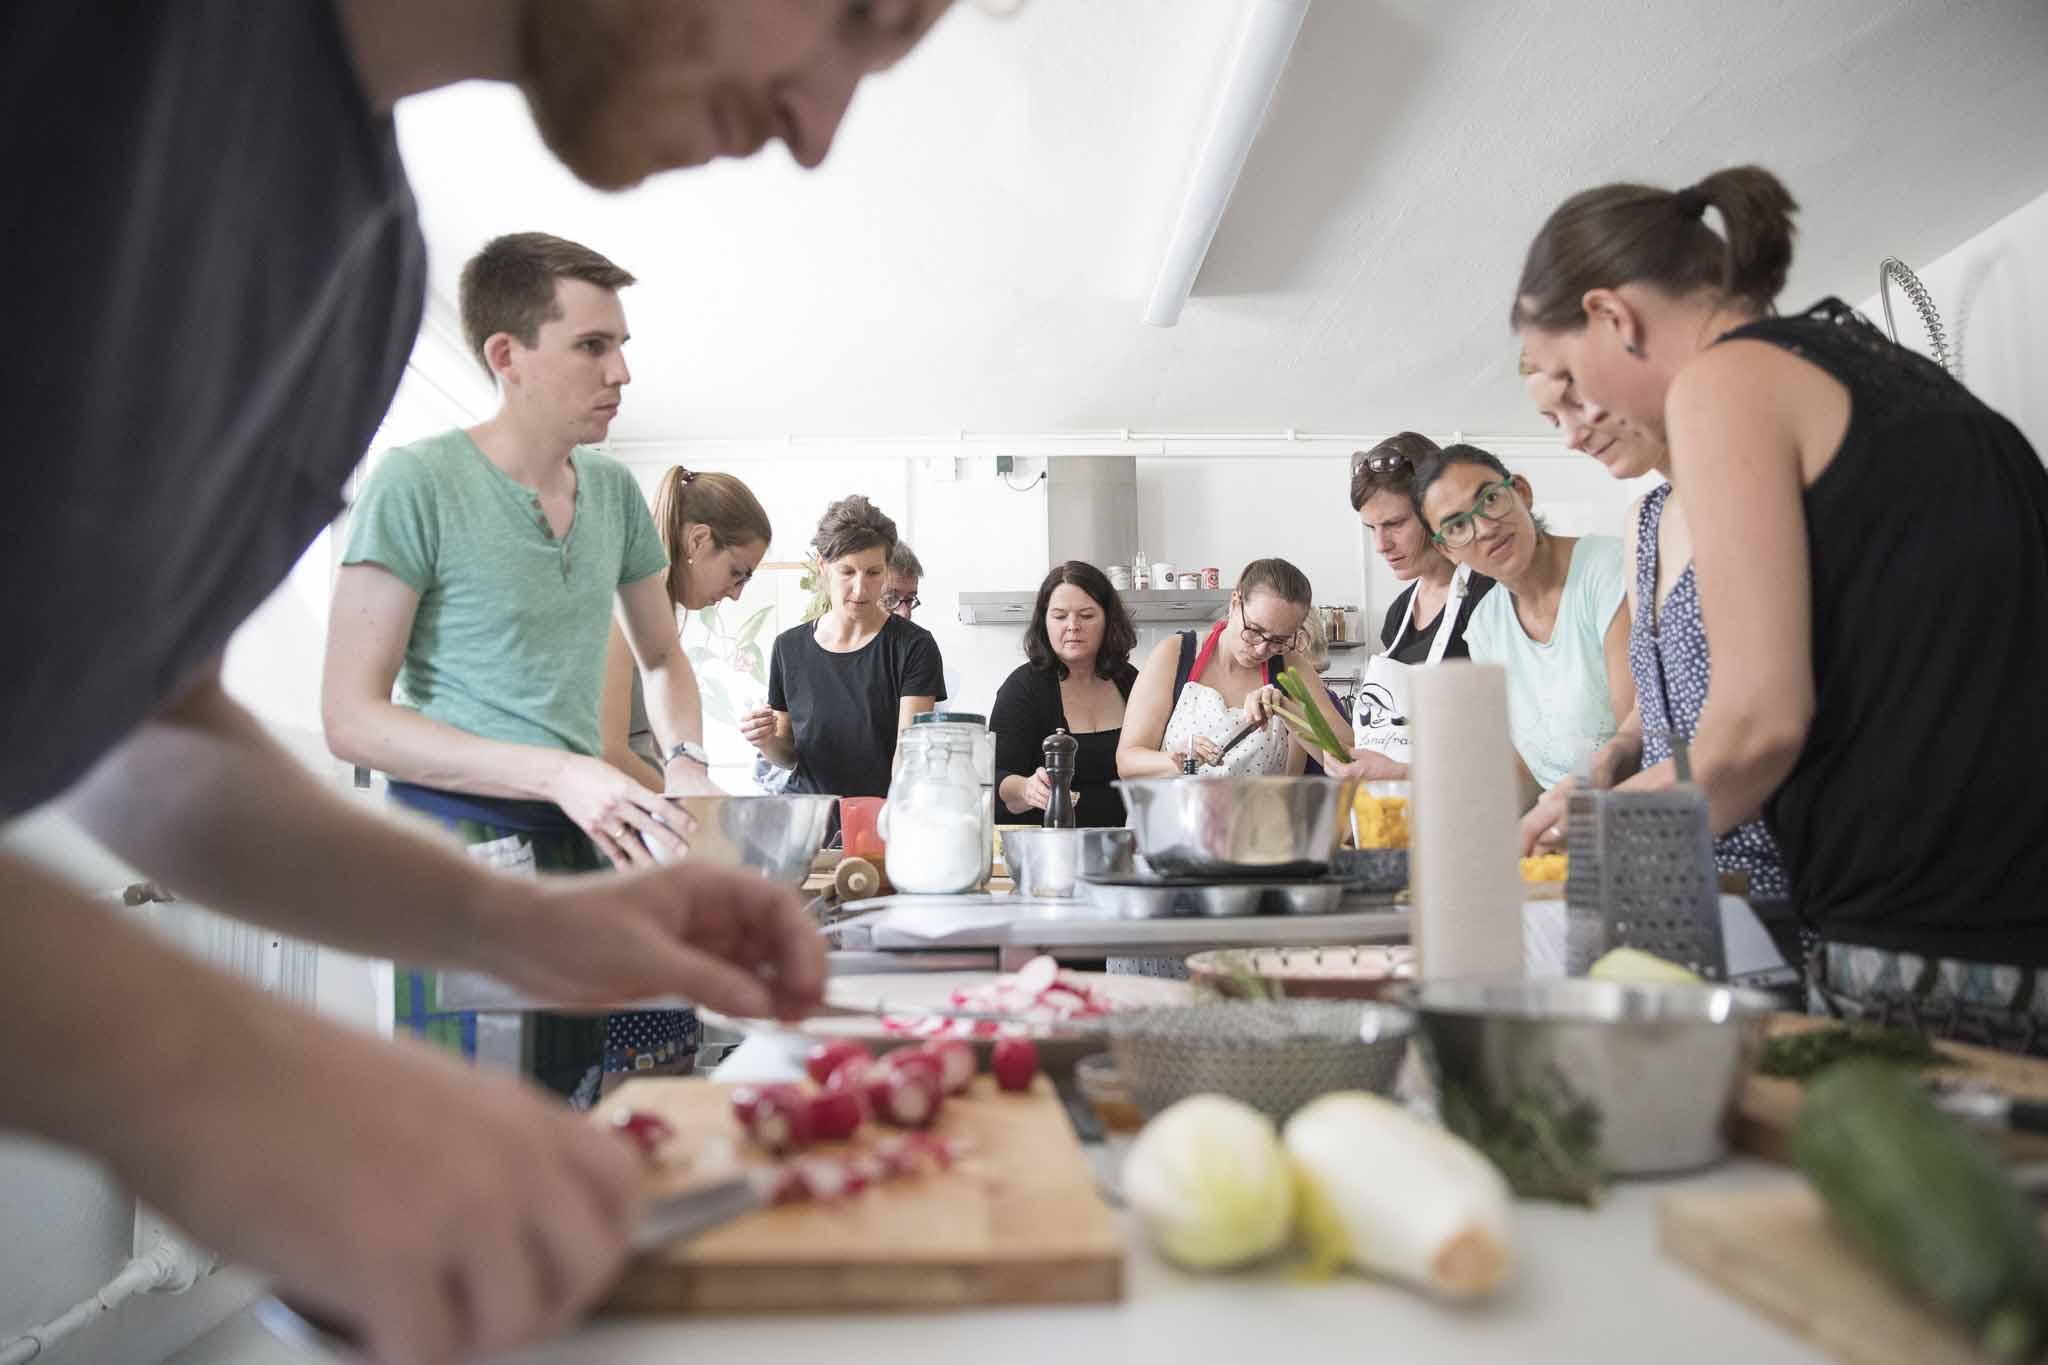 Teamevent-Kochen Bild6